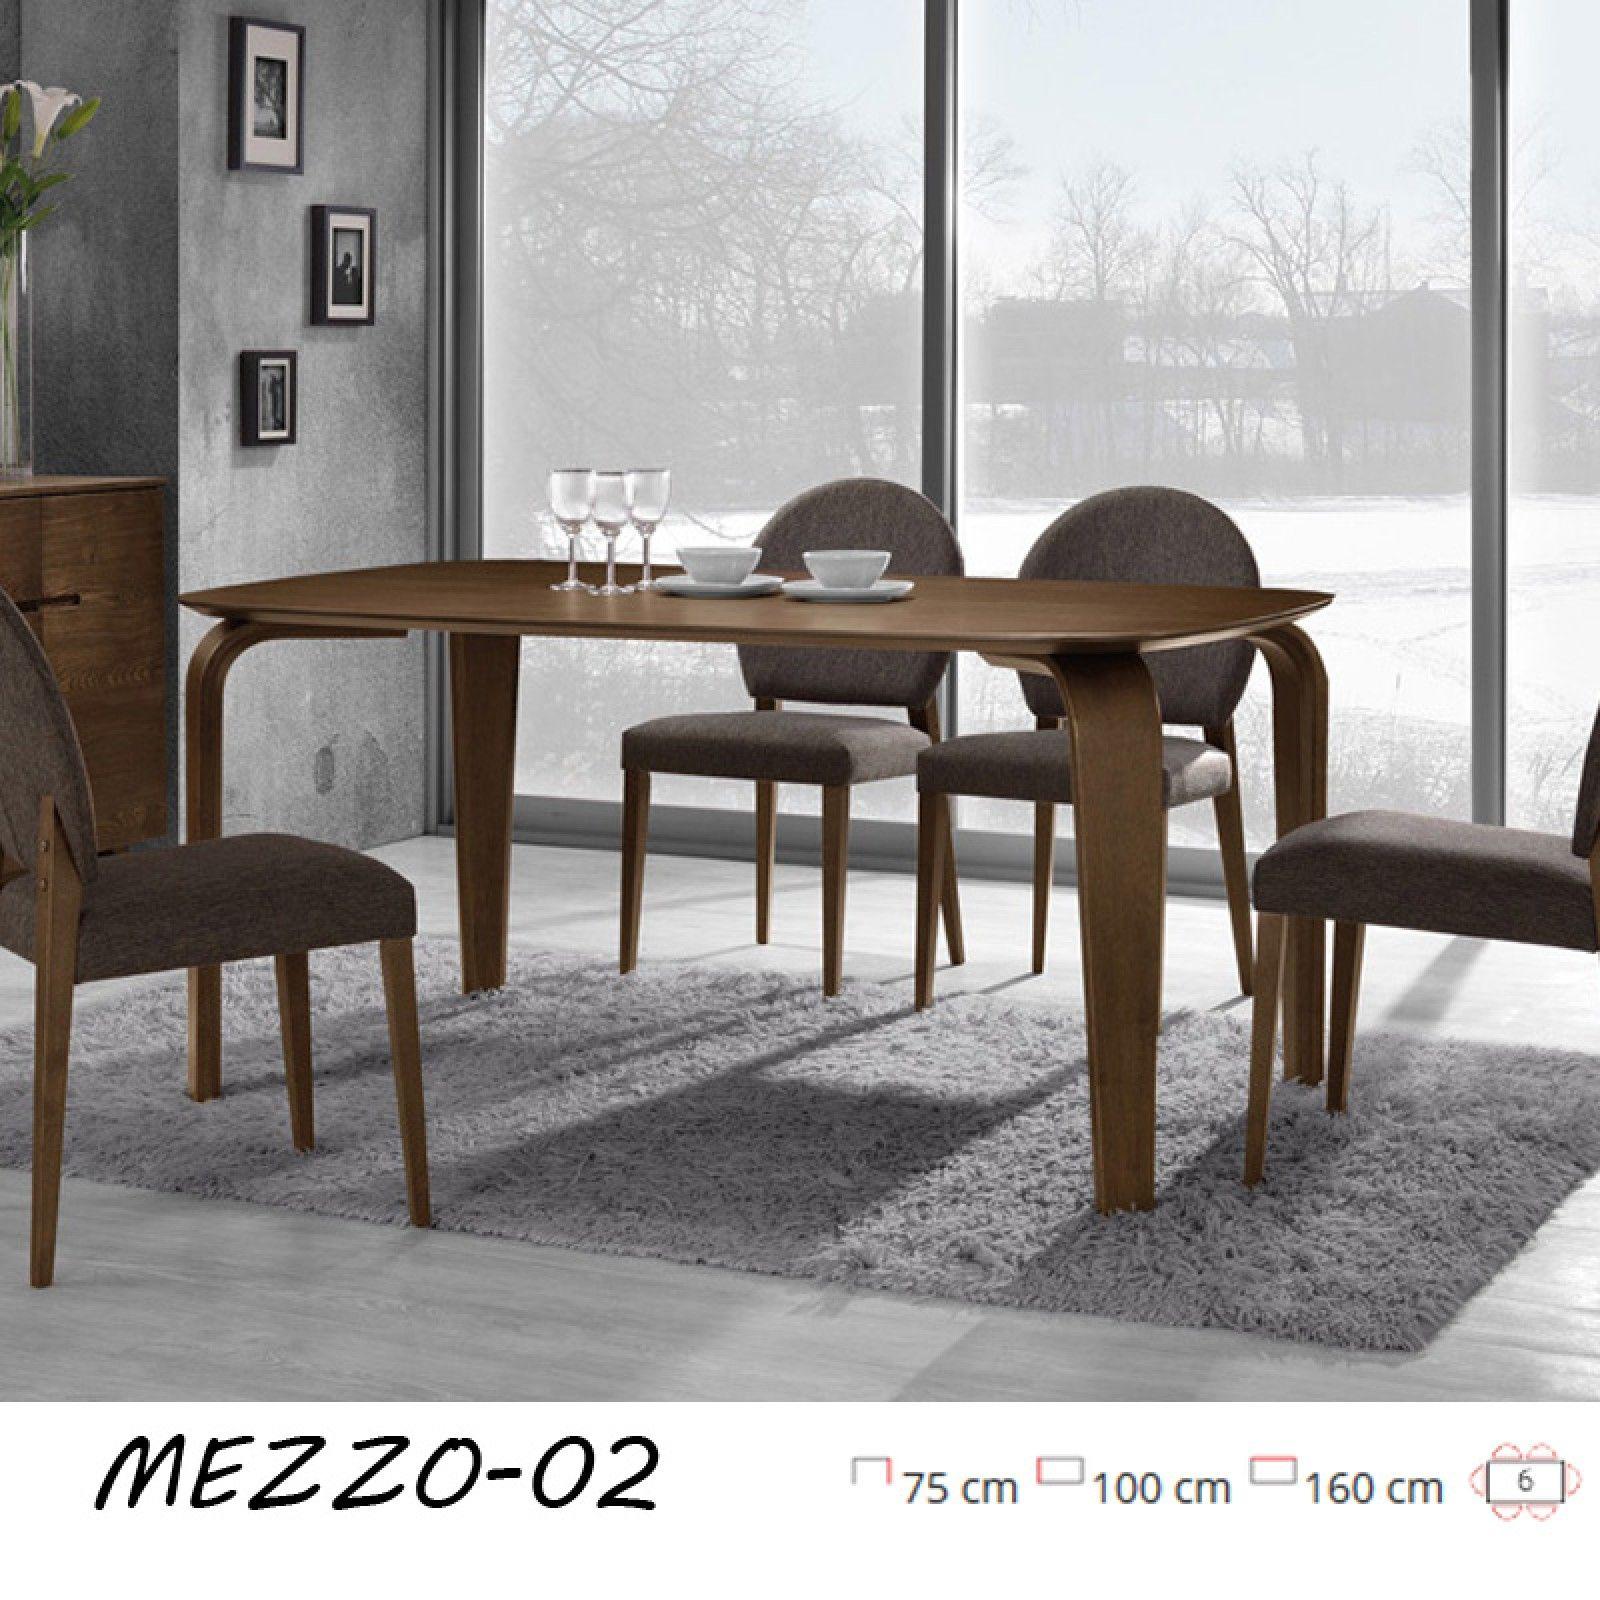 Egyszerűen vonzó! Ez a loft stílusú, sötét dió színű étkezőasztal ...